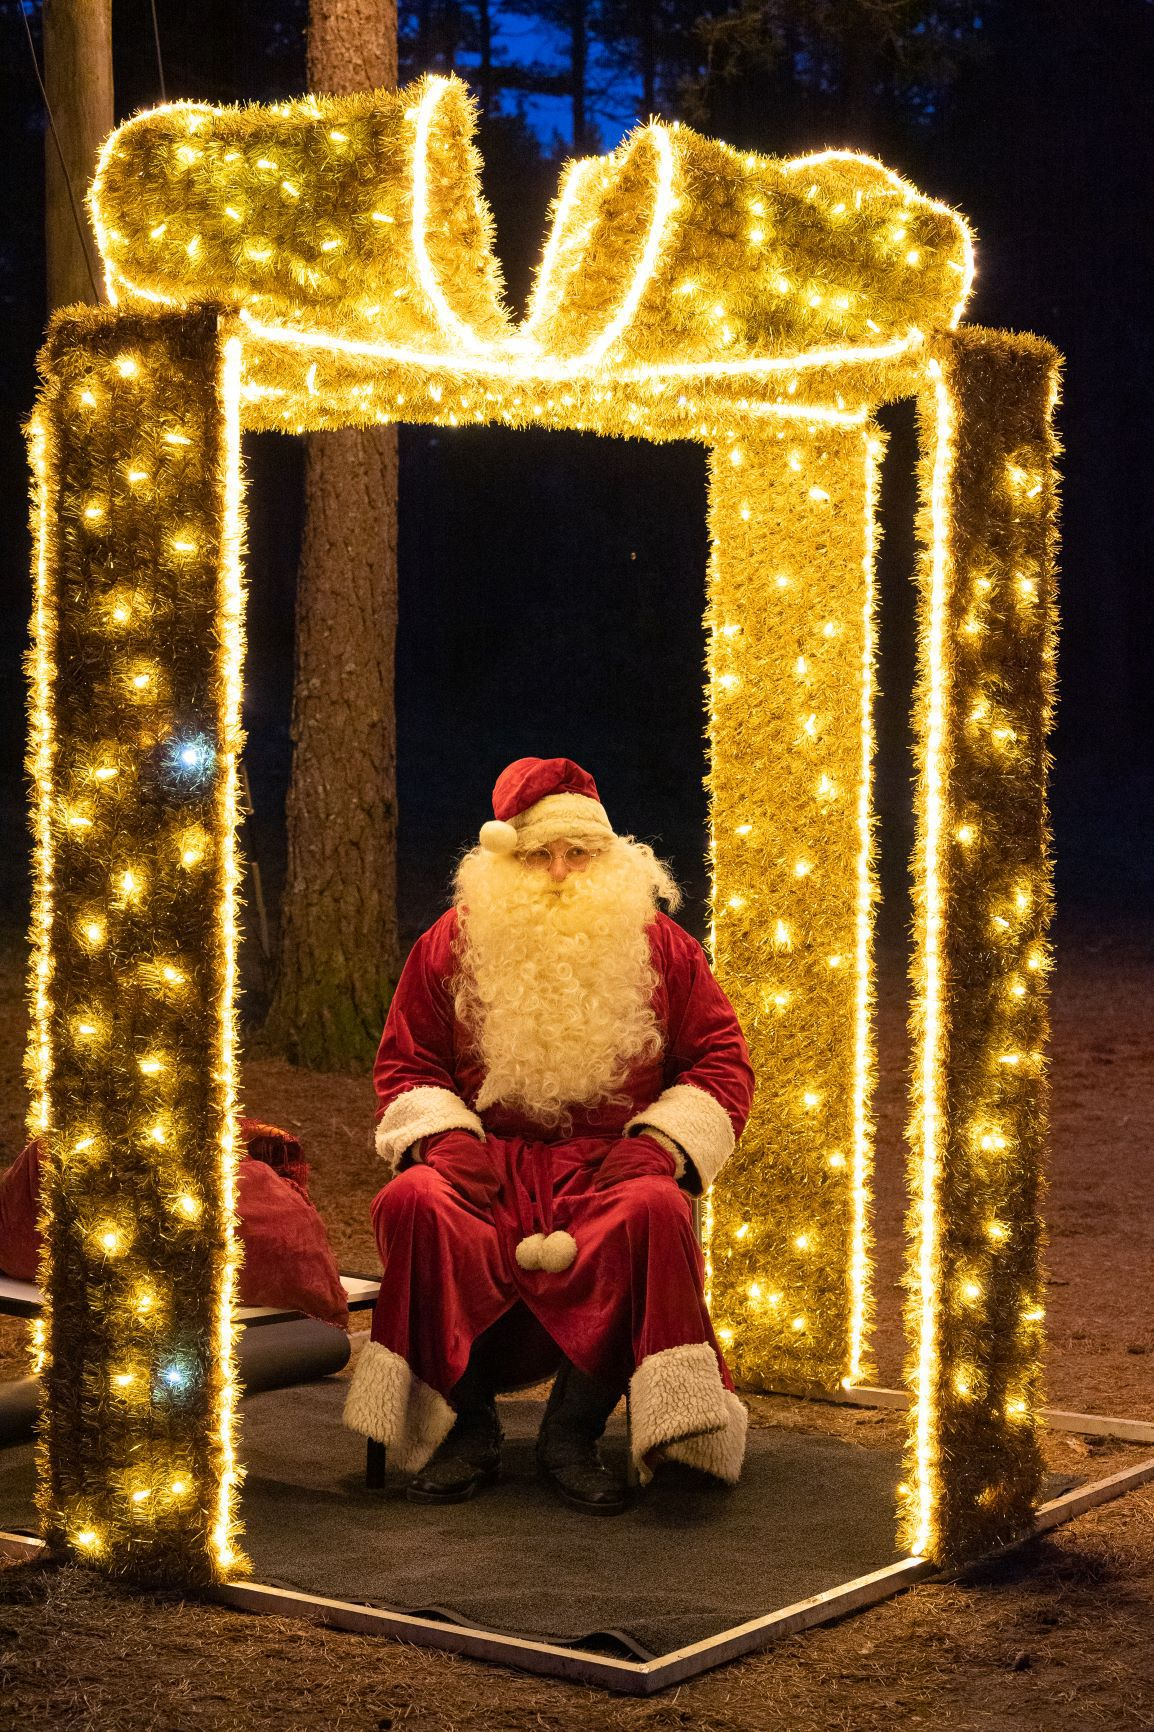 Вандалы испортили рождественскую иллюминацию в Нымме. Фото: Nõmme linnaosavalitsus